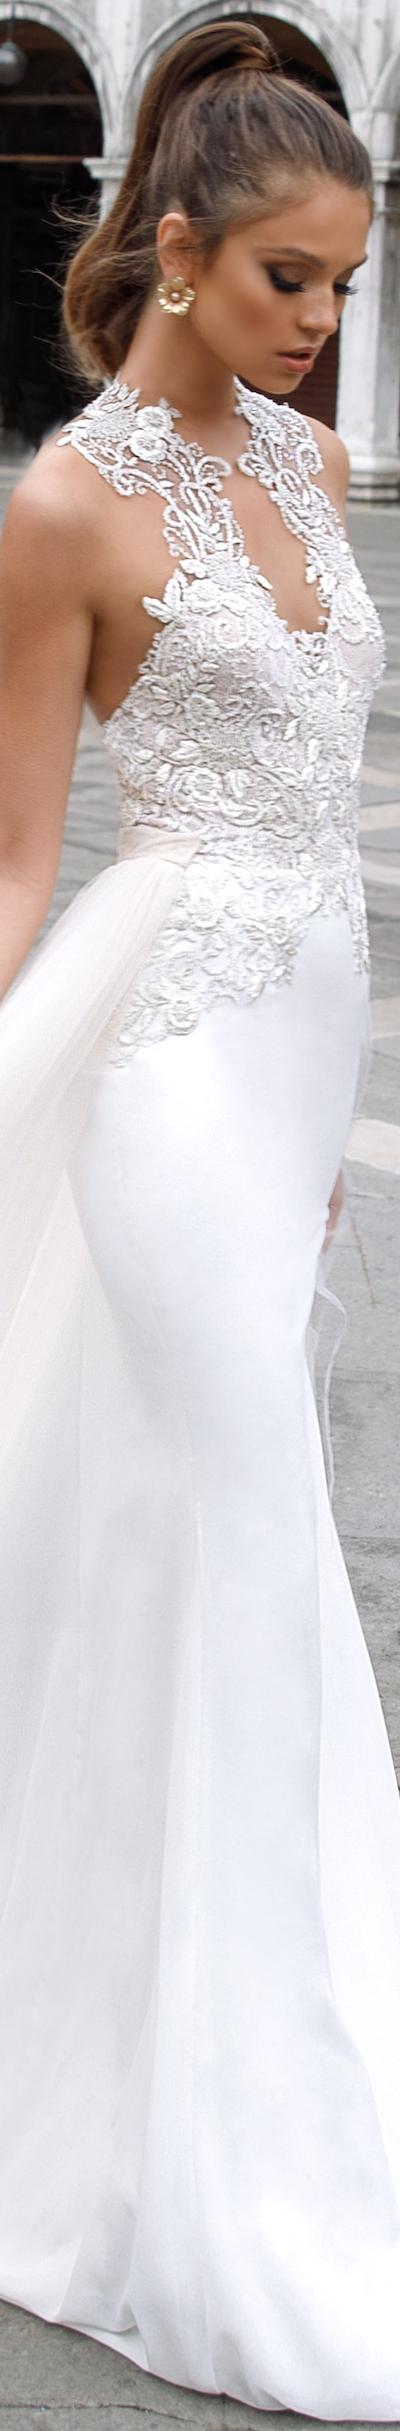 Julie vino spring julie vino bridal couture pinterest